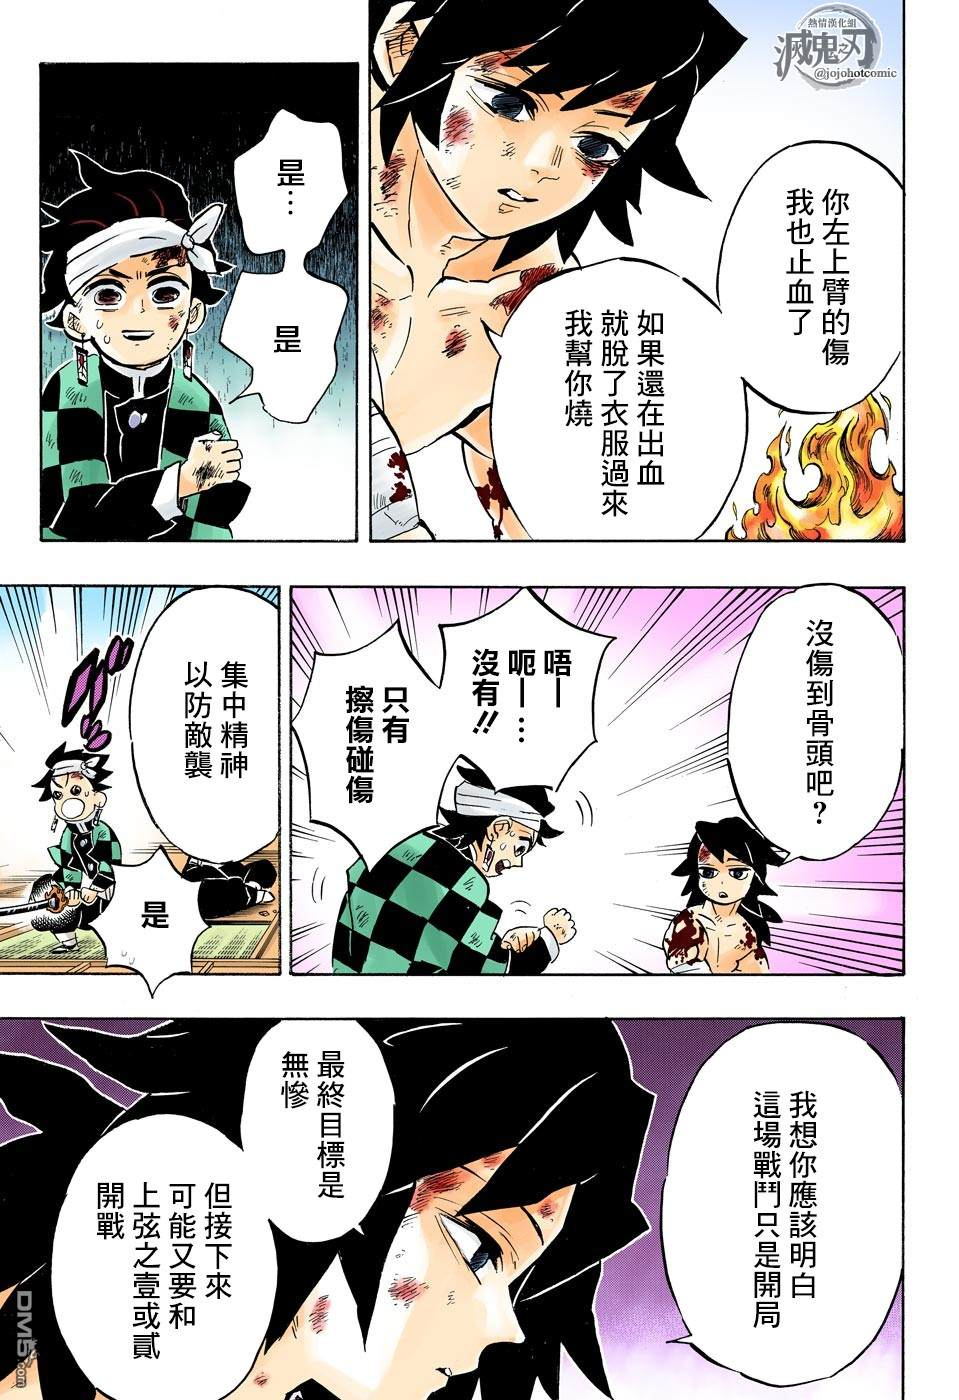 鬼滅之刃漫畫第164話 只是有些用力過猛(第3頁)劇情-二次元動漫